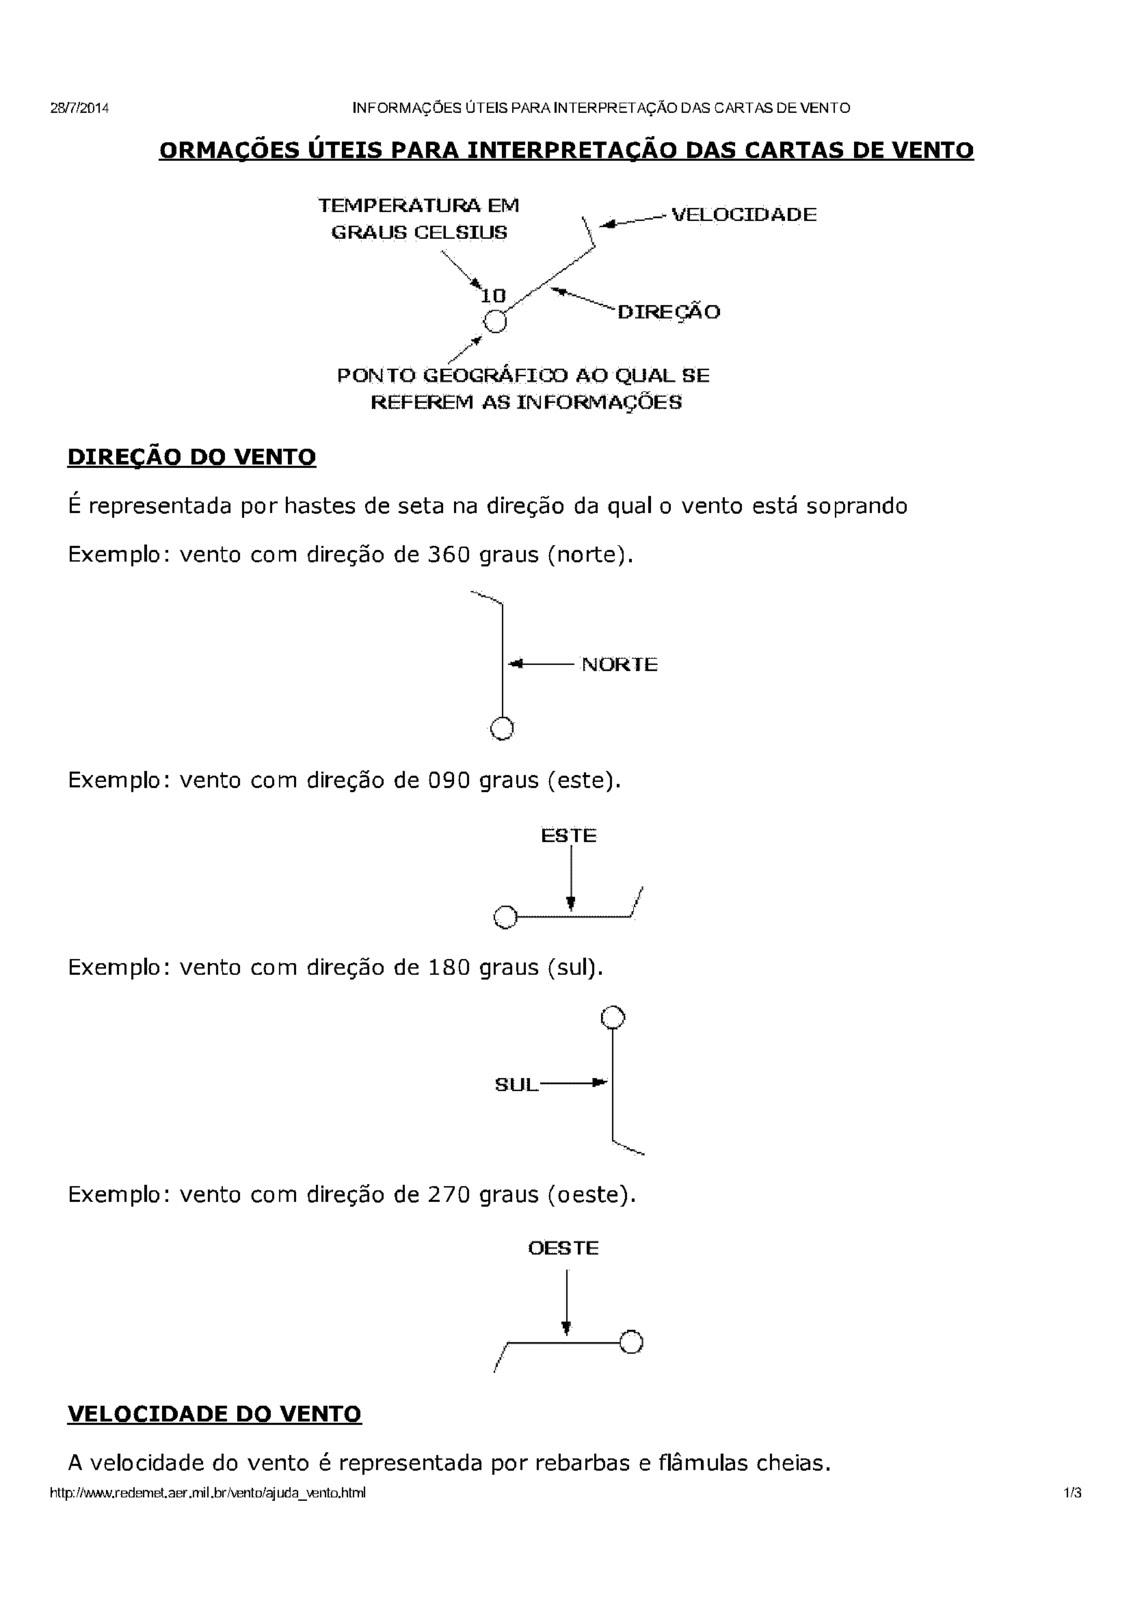 GRÁFICO DE DIREÇÃO DO VENTO